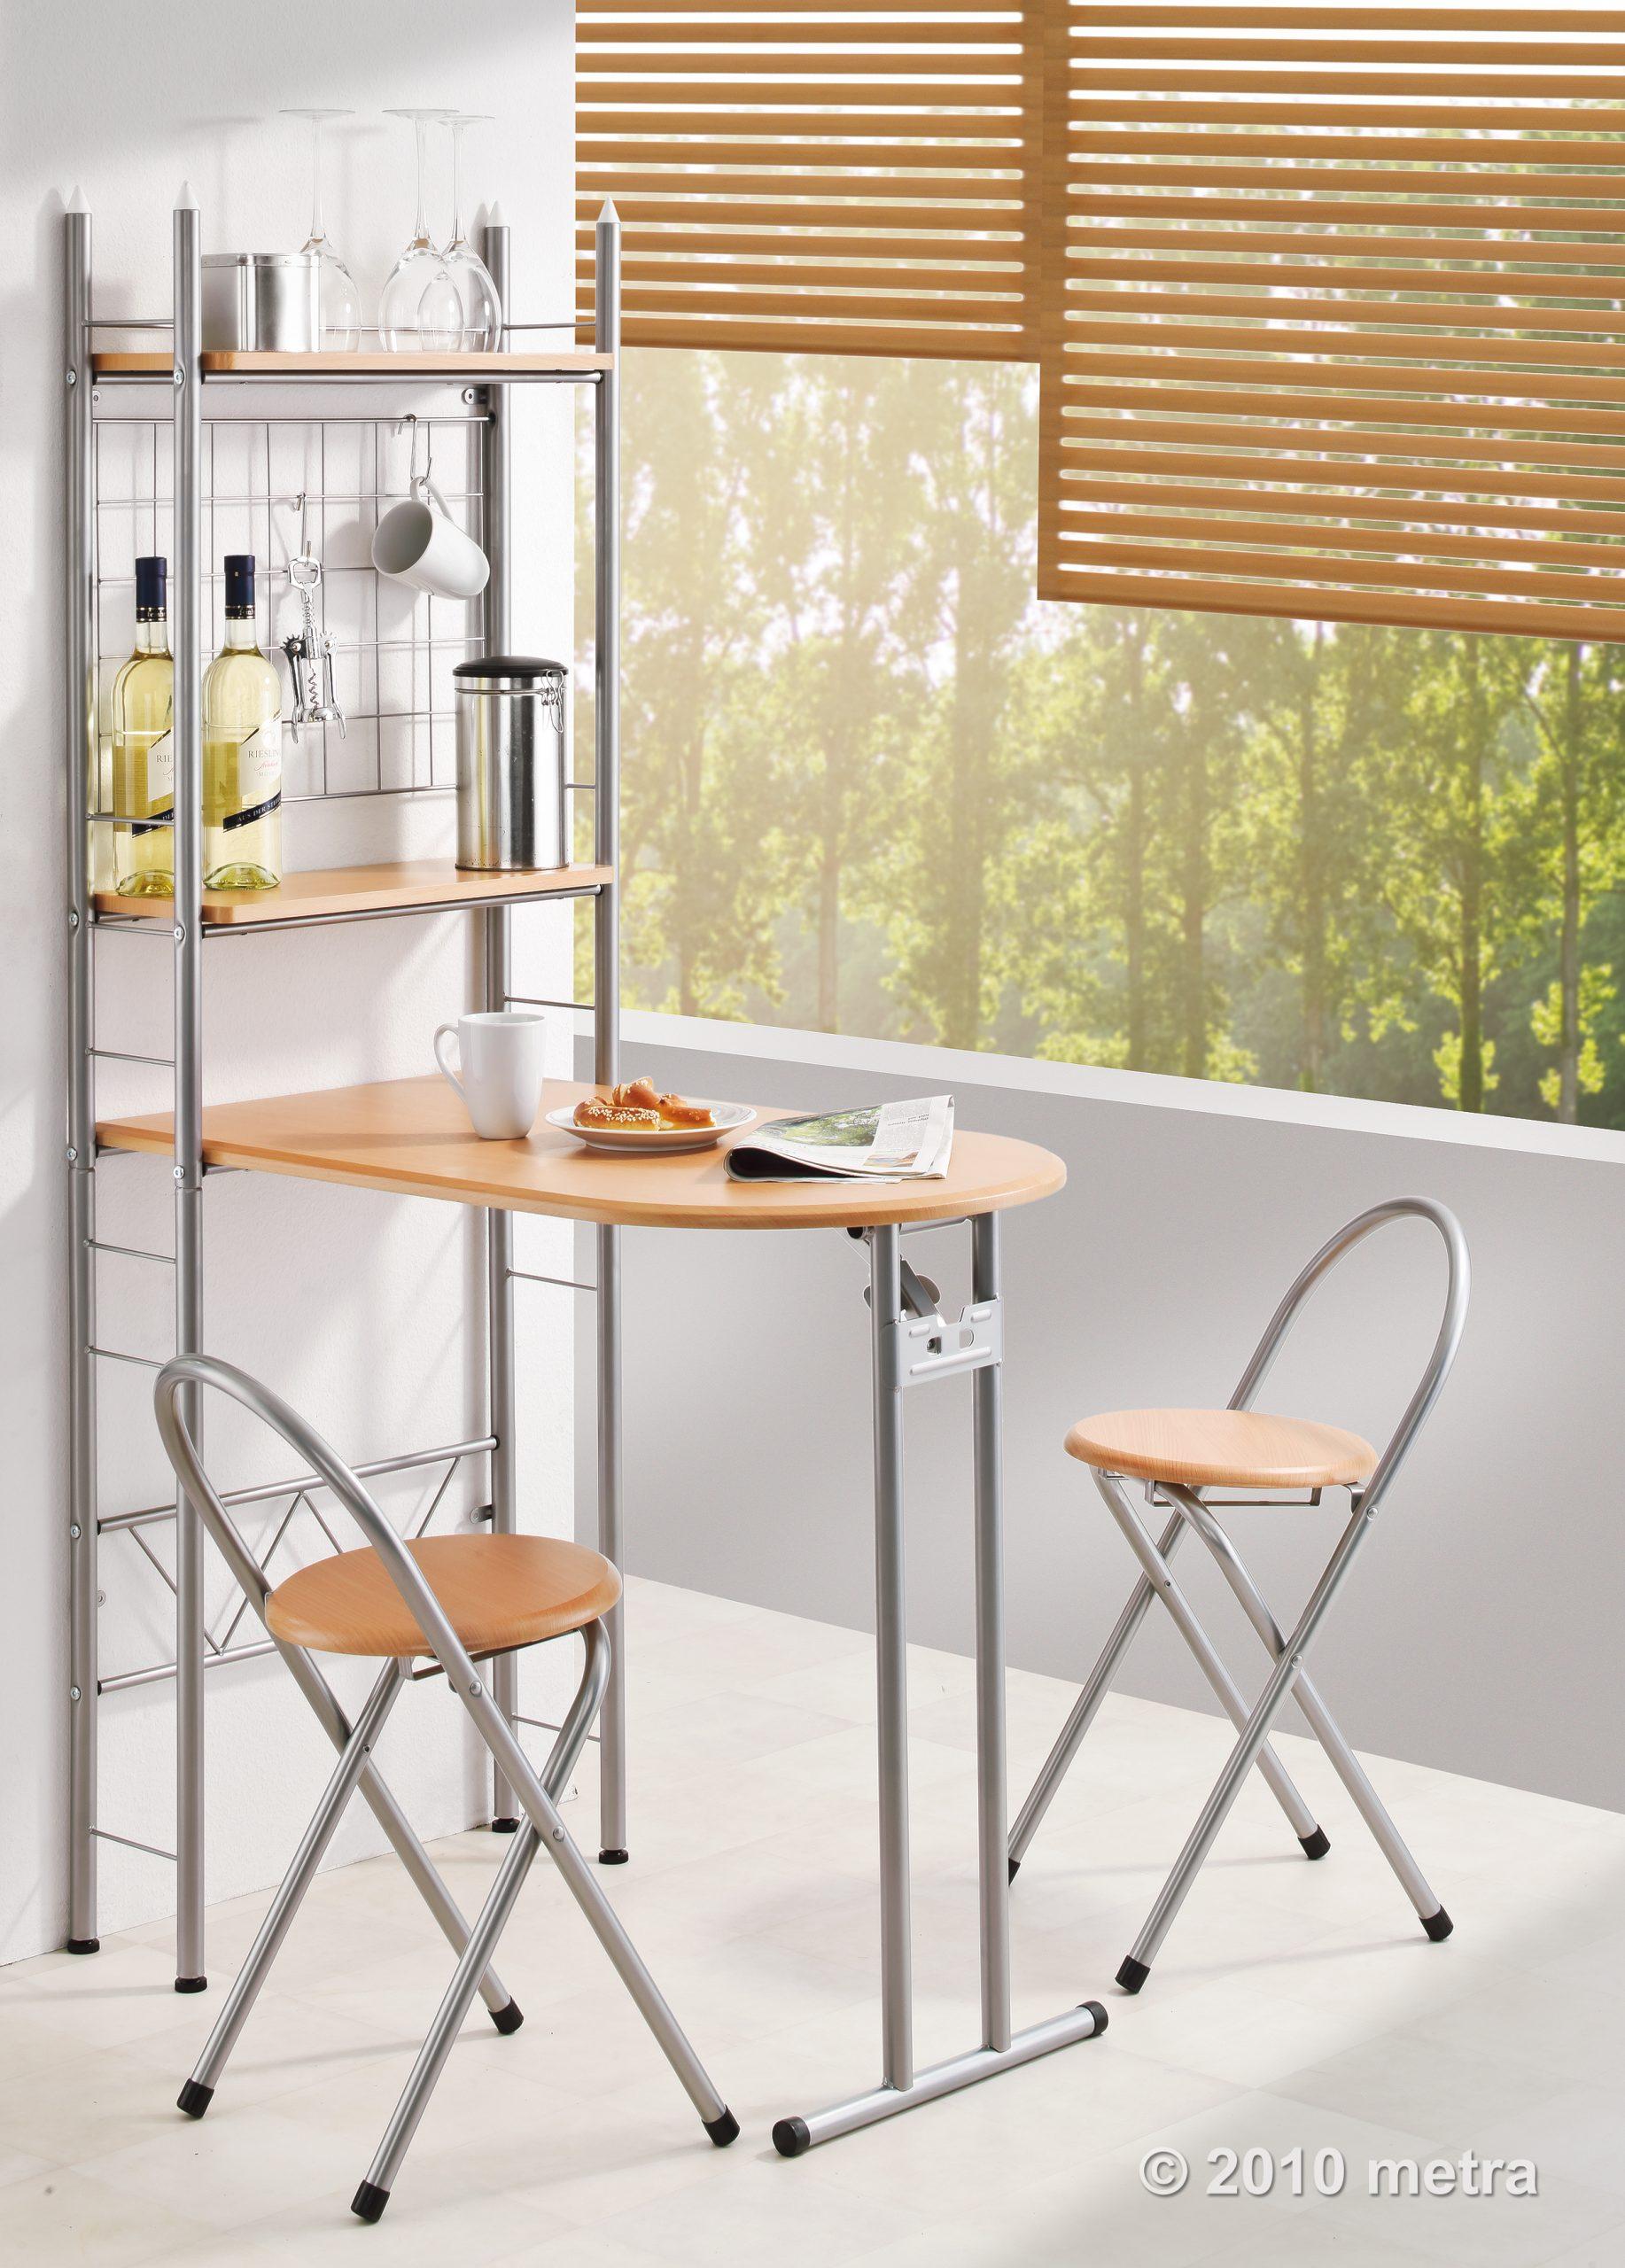 Full Size of Küchen Raffrollo Regale Kche Kchentisch Mit Regal Und 2 Sthlen Industrie Küche Wohnzimmer Küchen Raffrollo